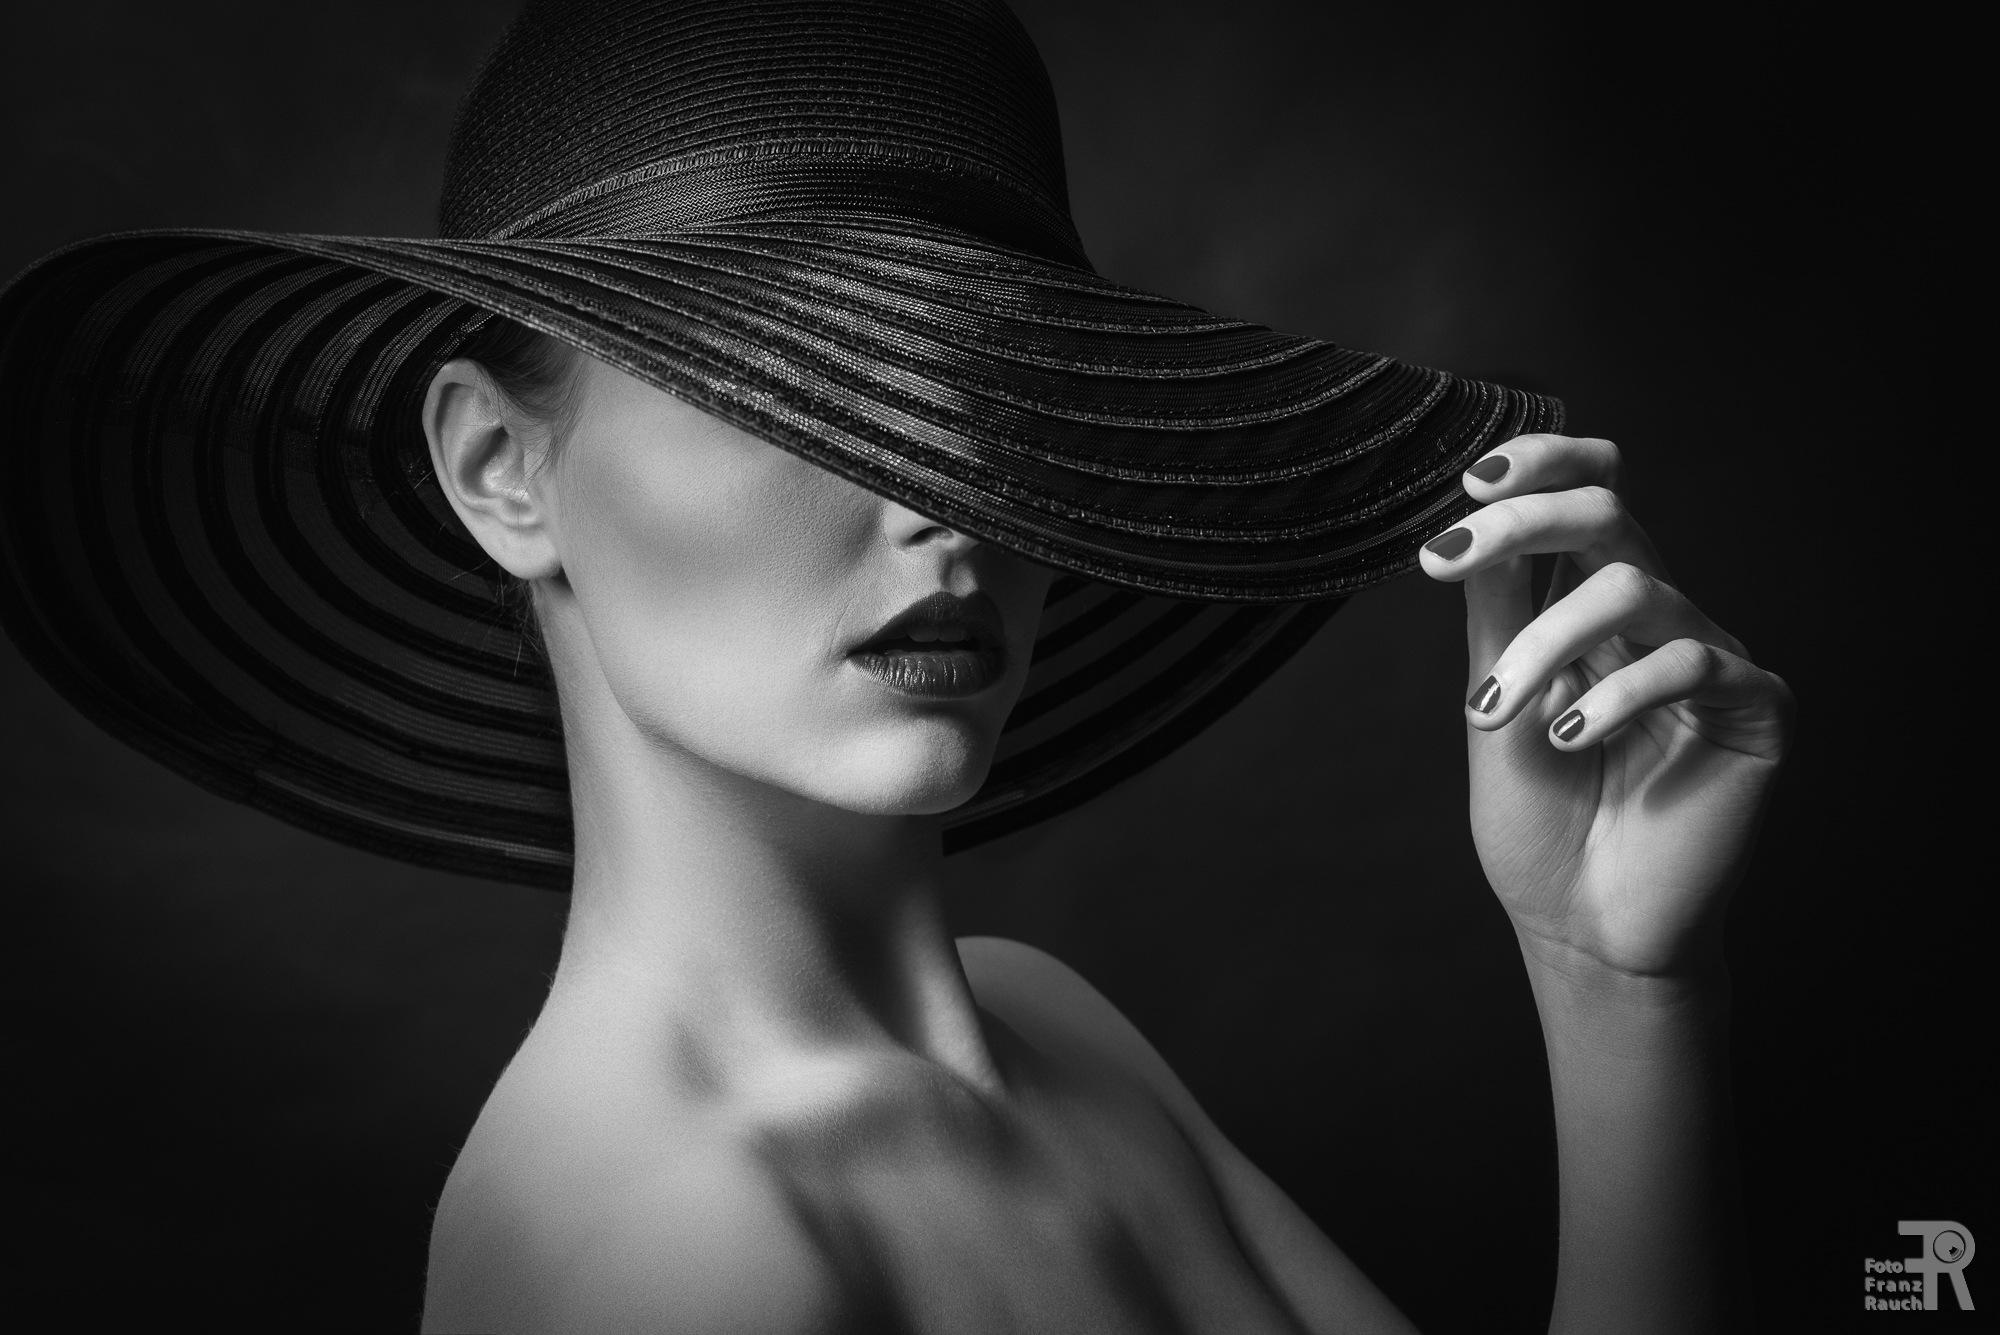 beauty in black II by Foto Franz Rauch